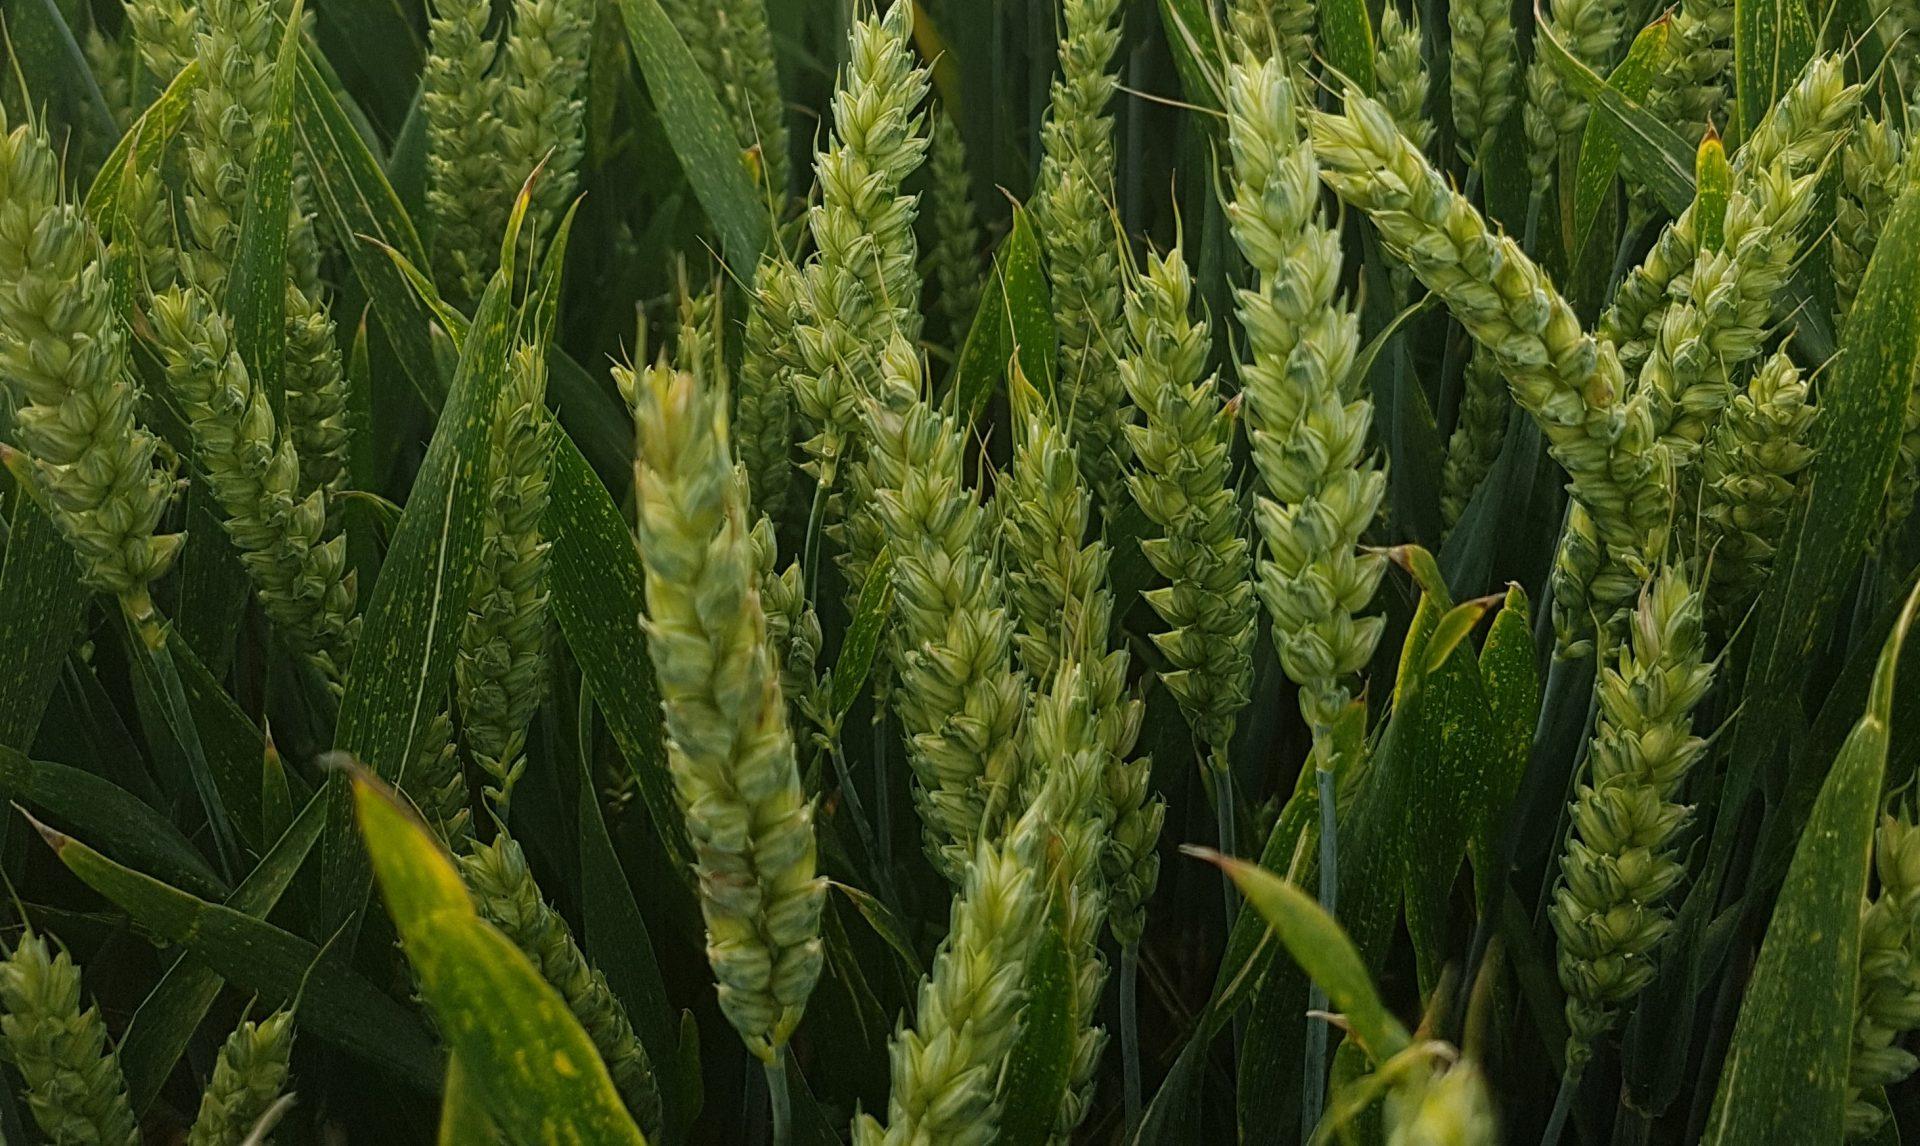 Reflection wheat